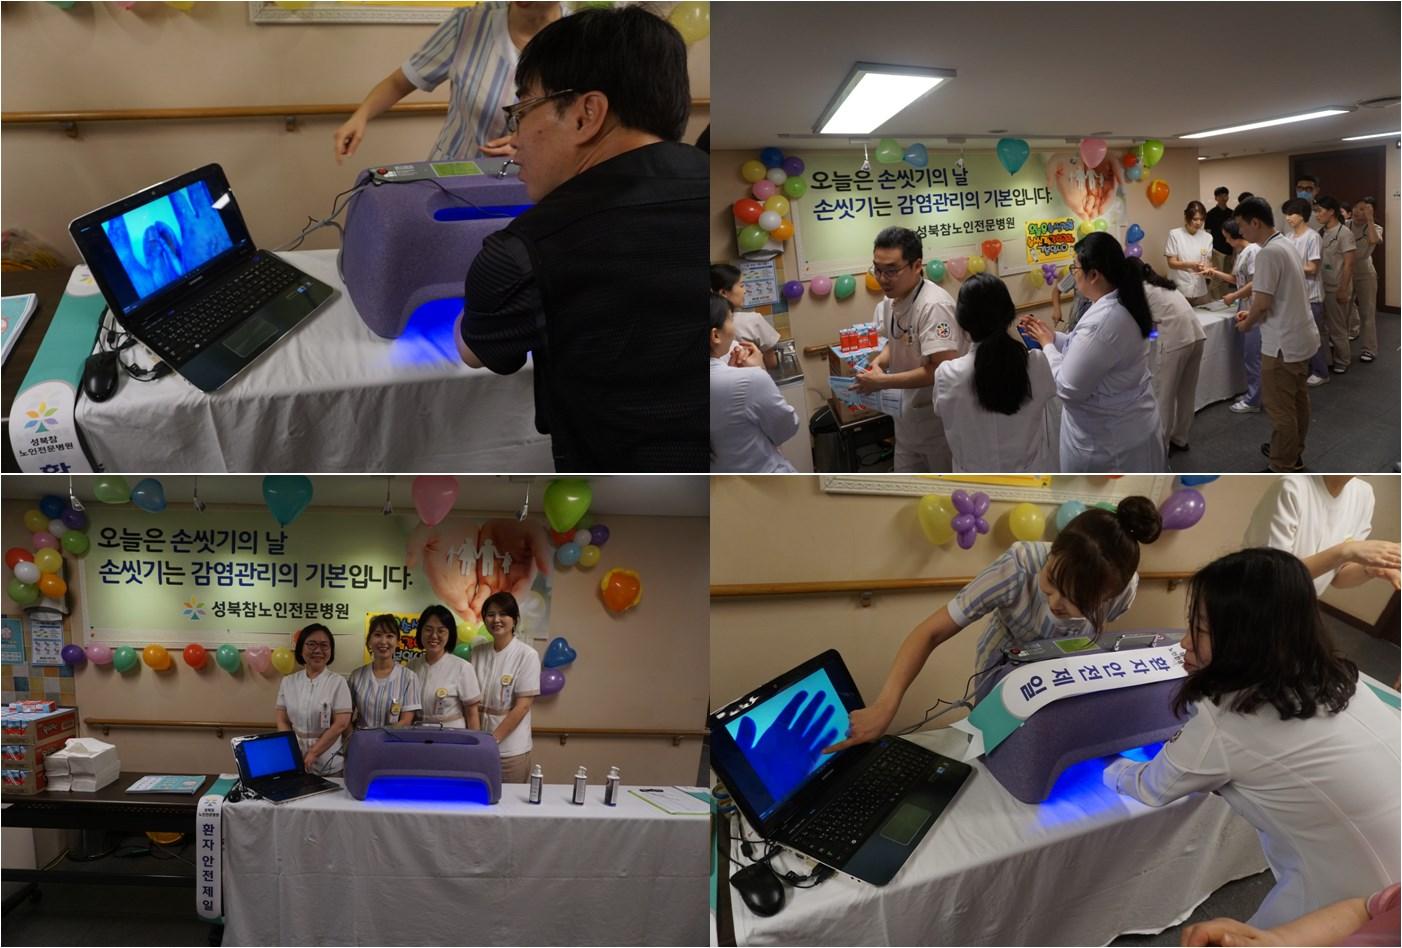 감염관리위원회에서 준비하고 전직원이 참여하는 손씻기의 날 행사가 지난 6월 22일에 있었습니다.